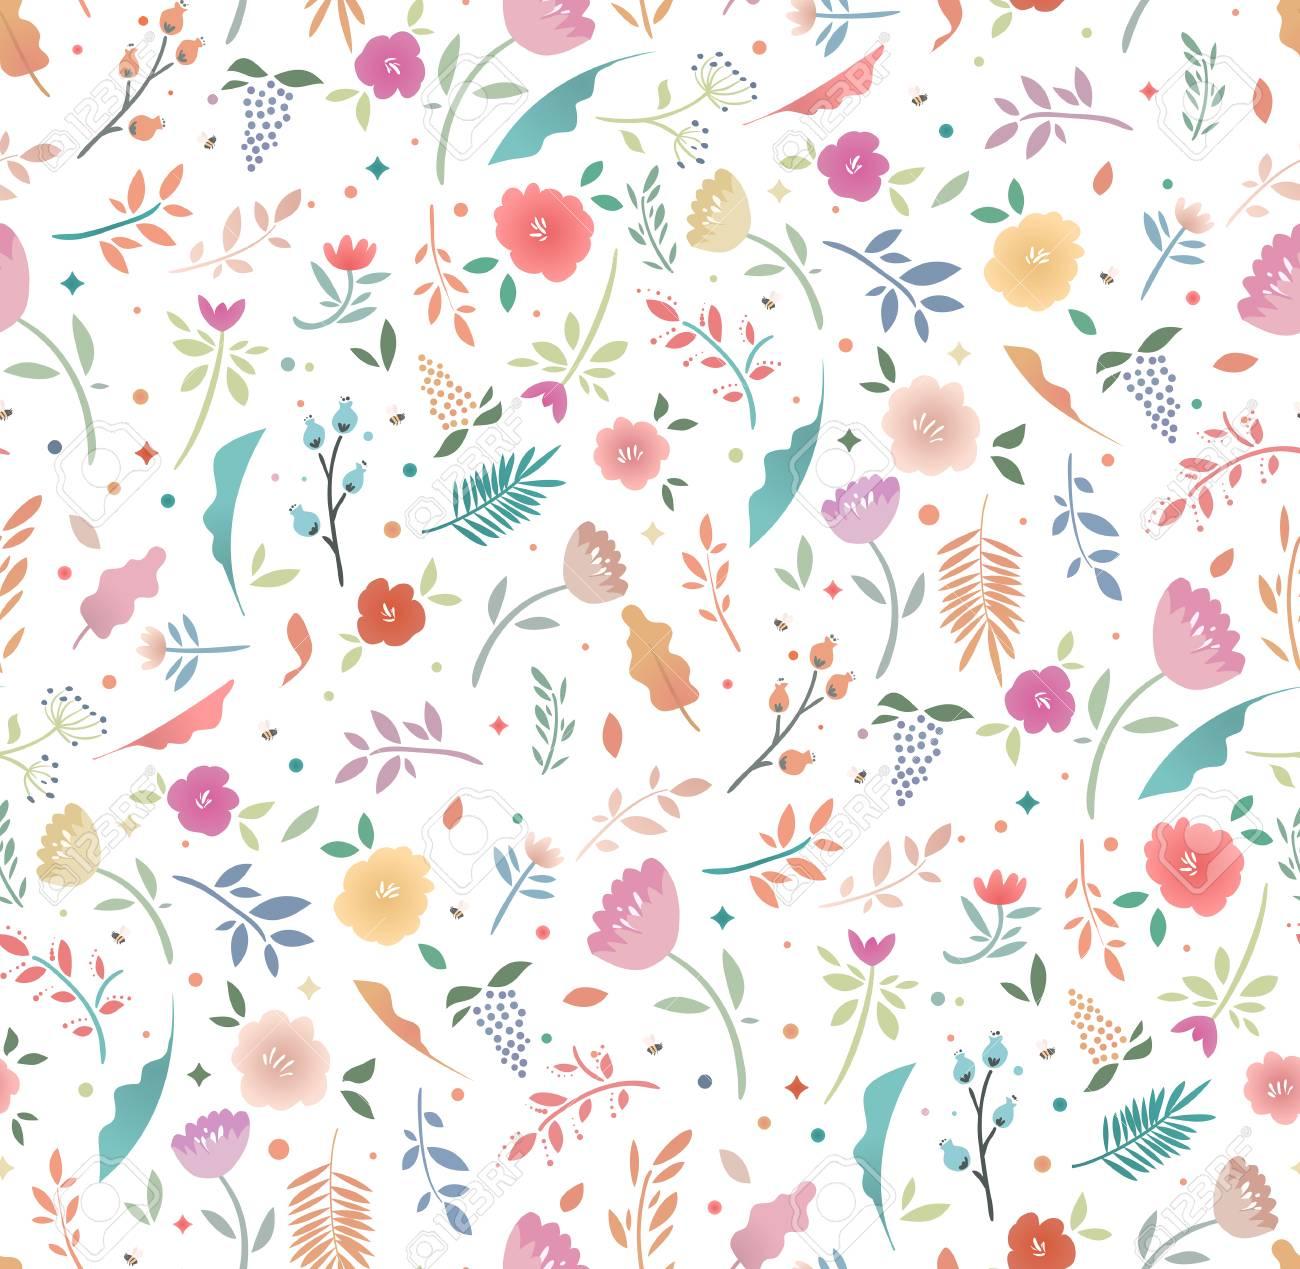 Teste Padrão Floral Sem Emenda Da Mola Em Um Fundo Branco. Flores ...